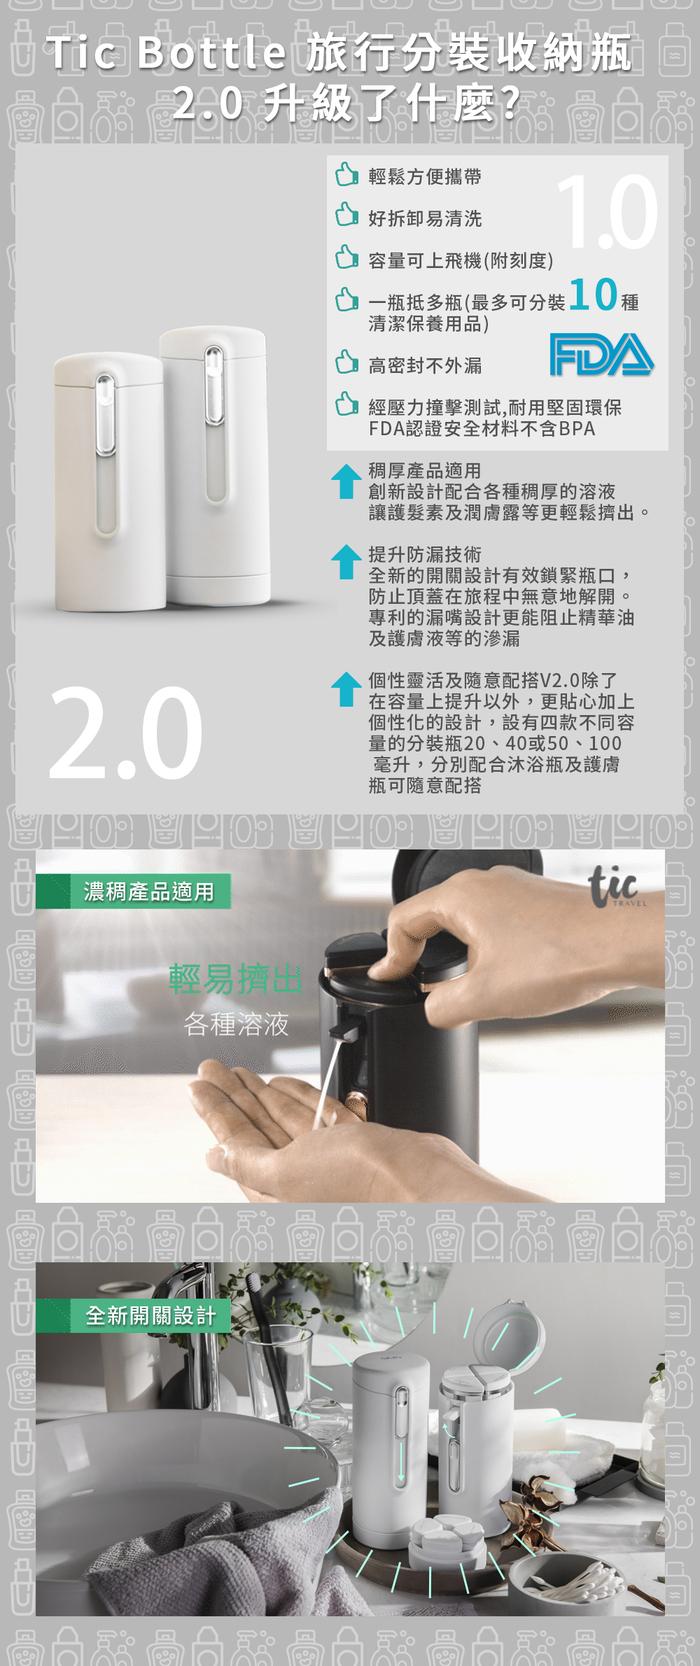 TIC DESIGN| 旅行分裝收納瓶 V2.0- 沐浴組